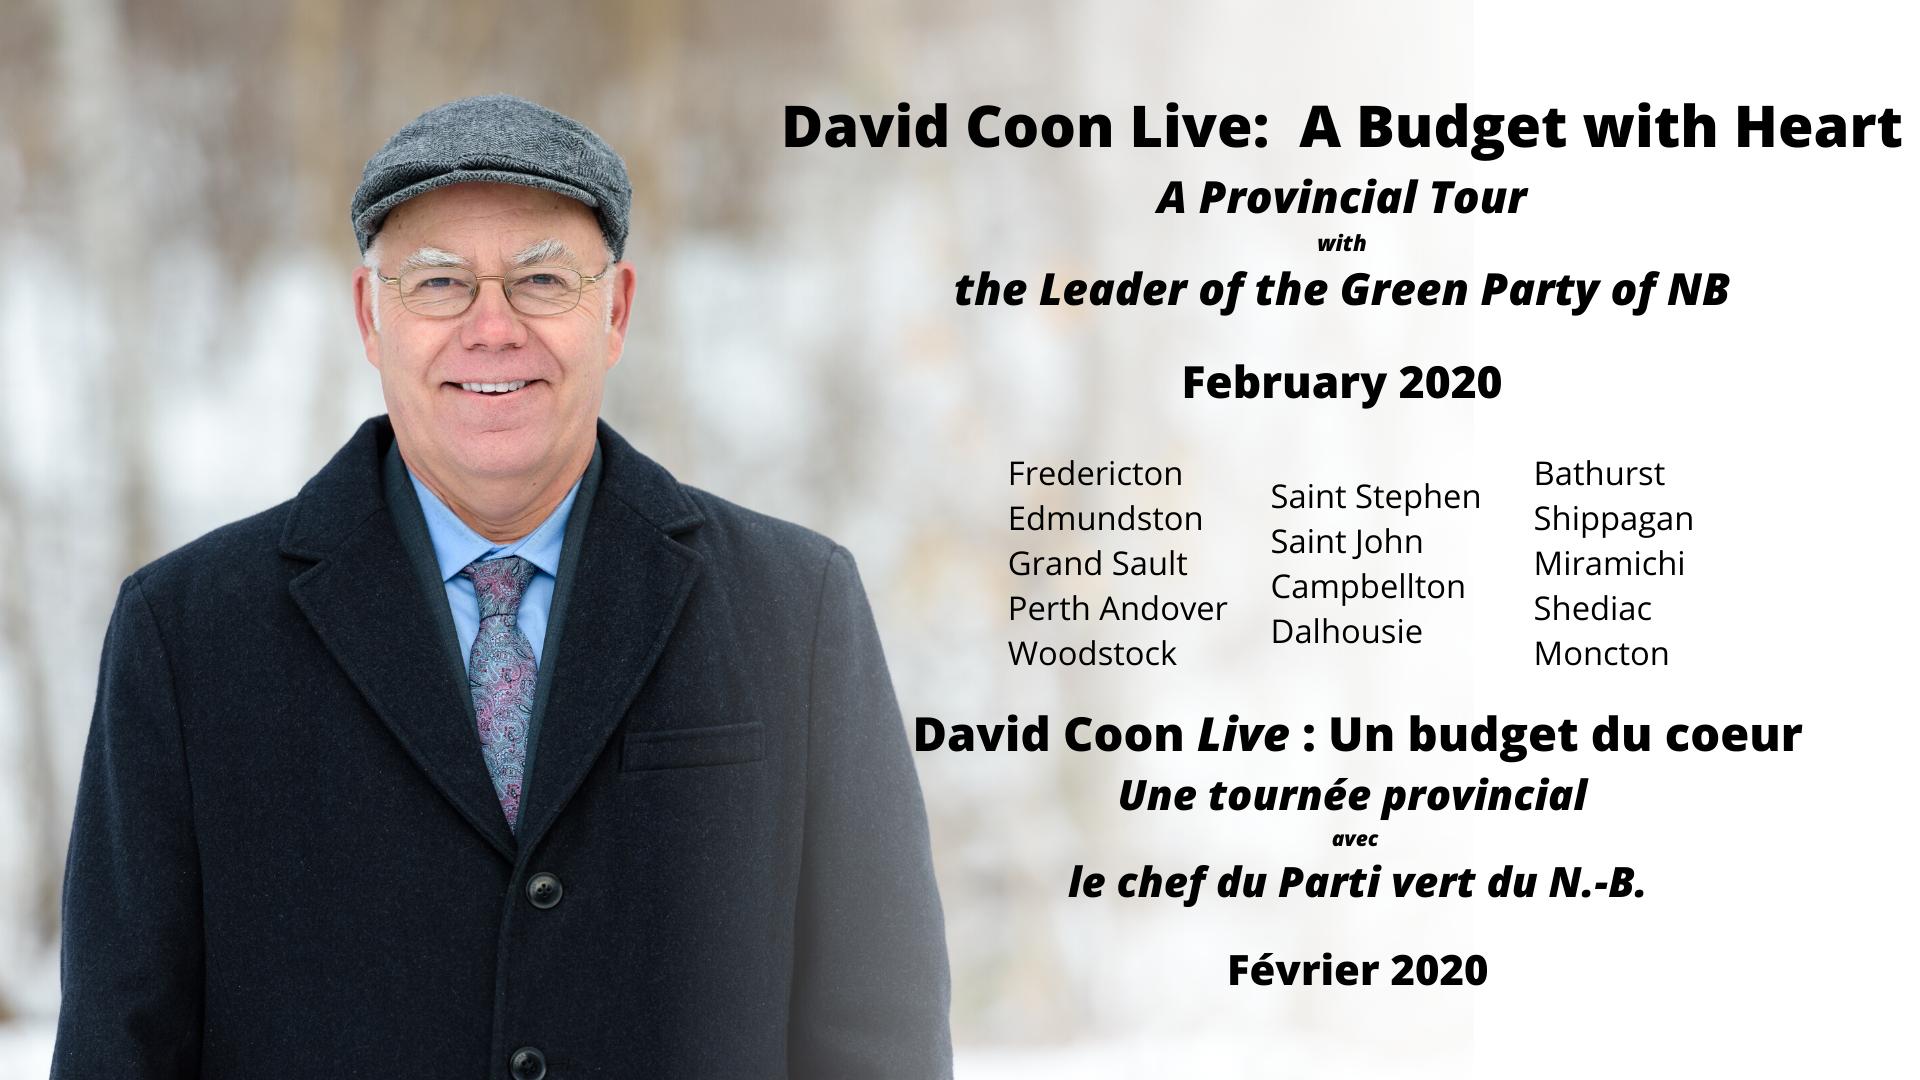 Le chef du Parti Vert entame sa tournée provinciale Budget du coeur